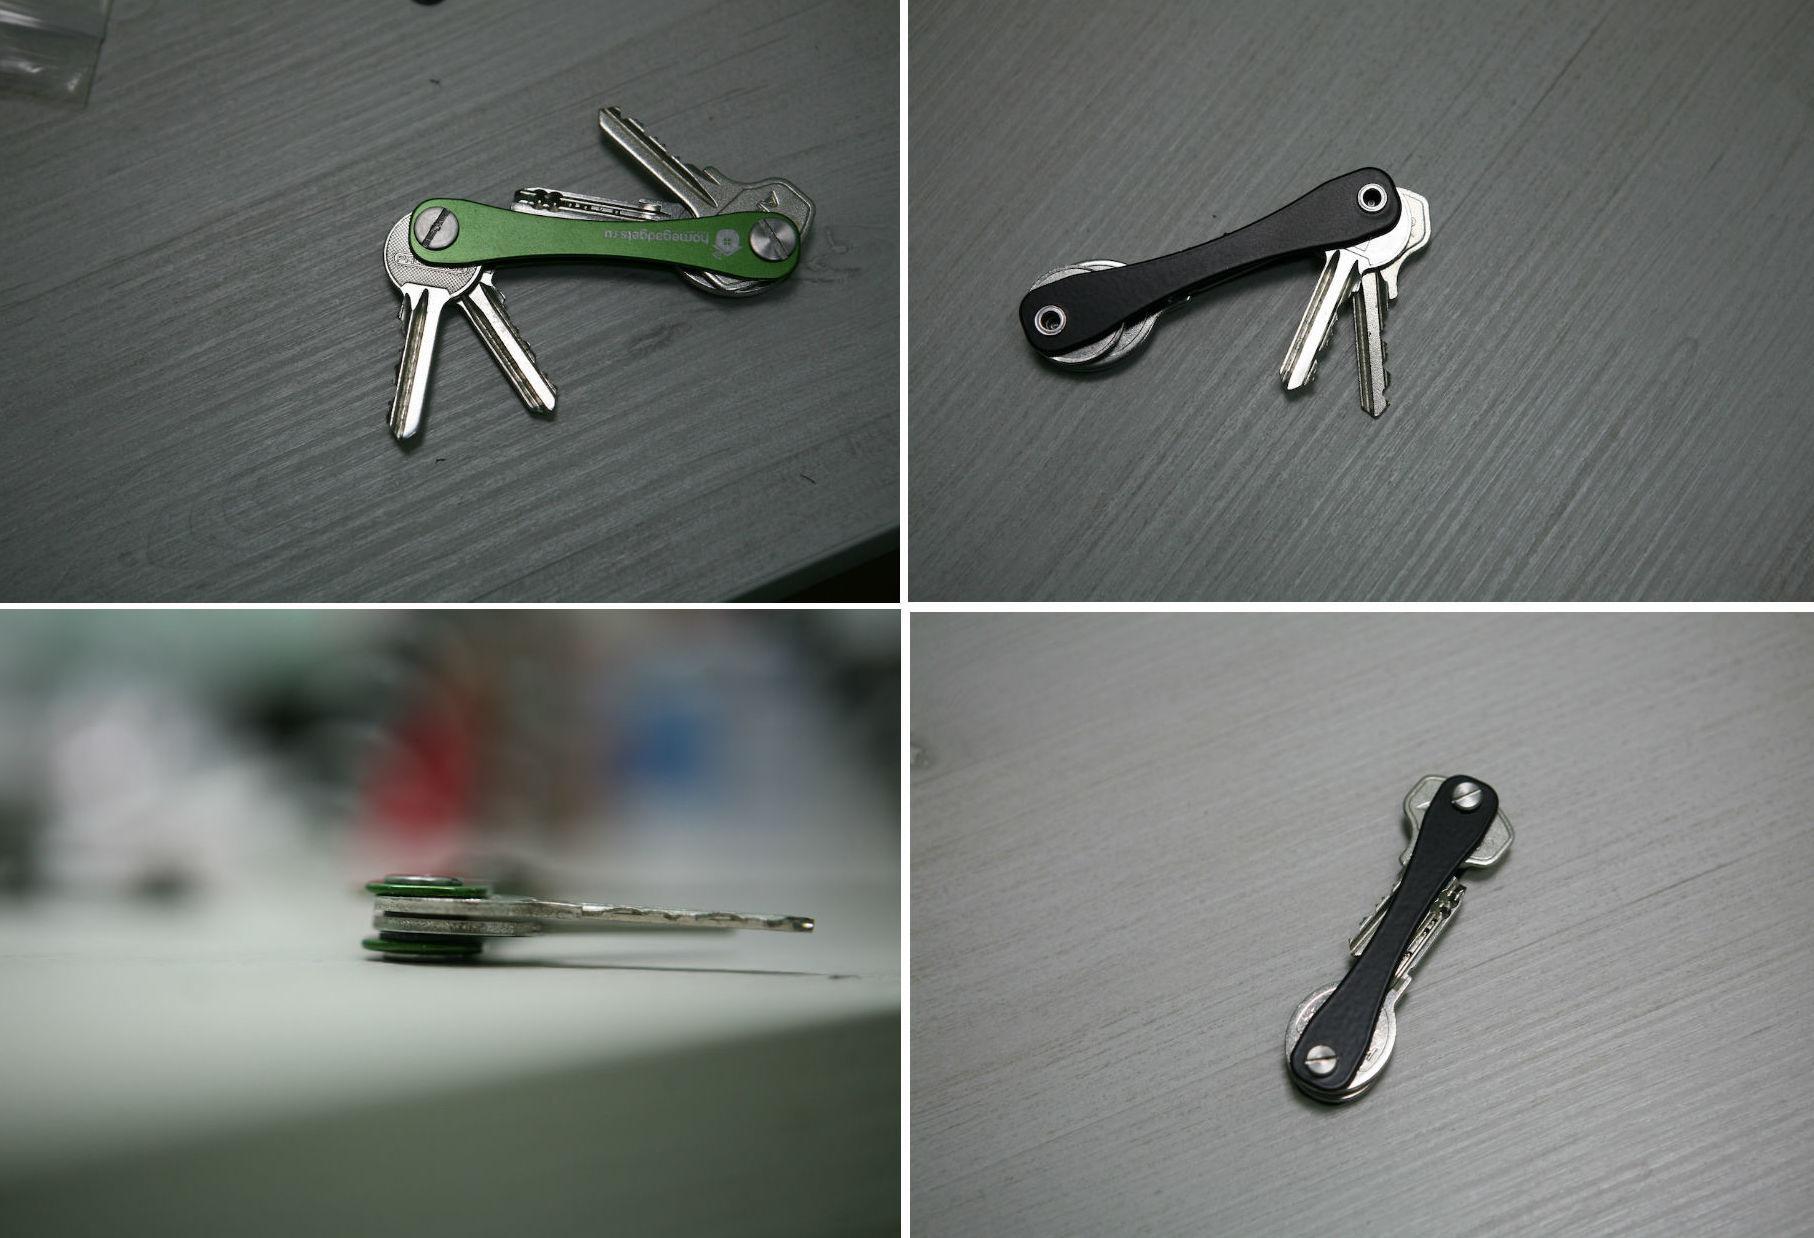 Органайзер для ключей SmartPoket, или как мы переизобретали велосипед - 22